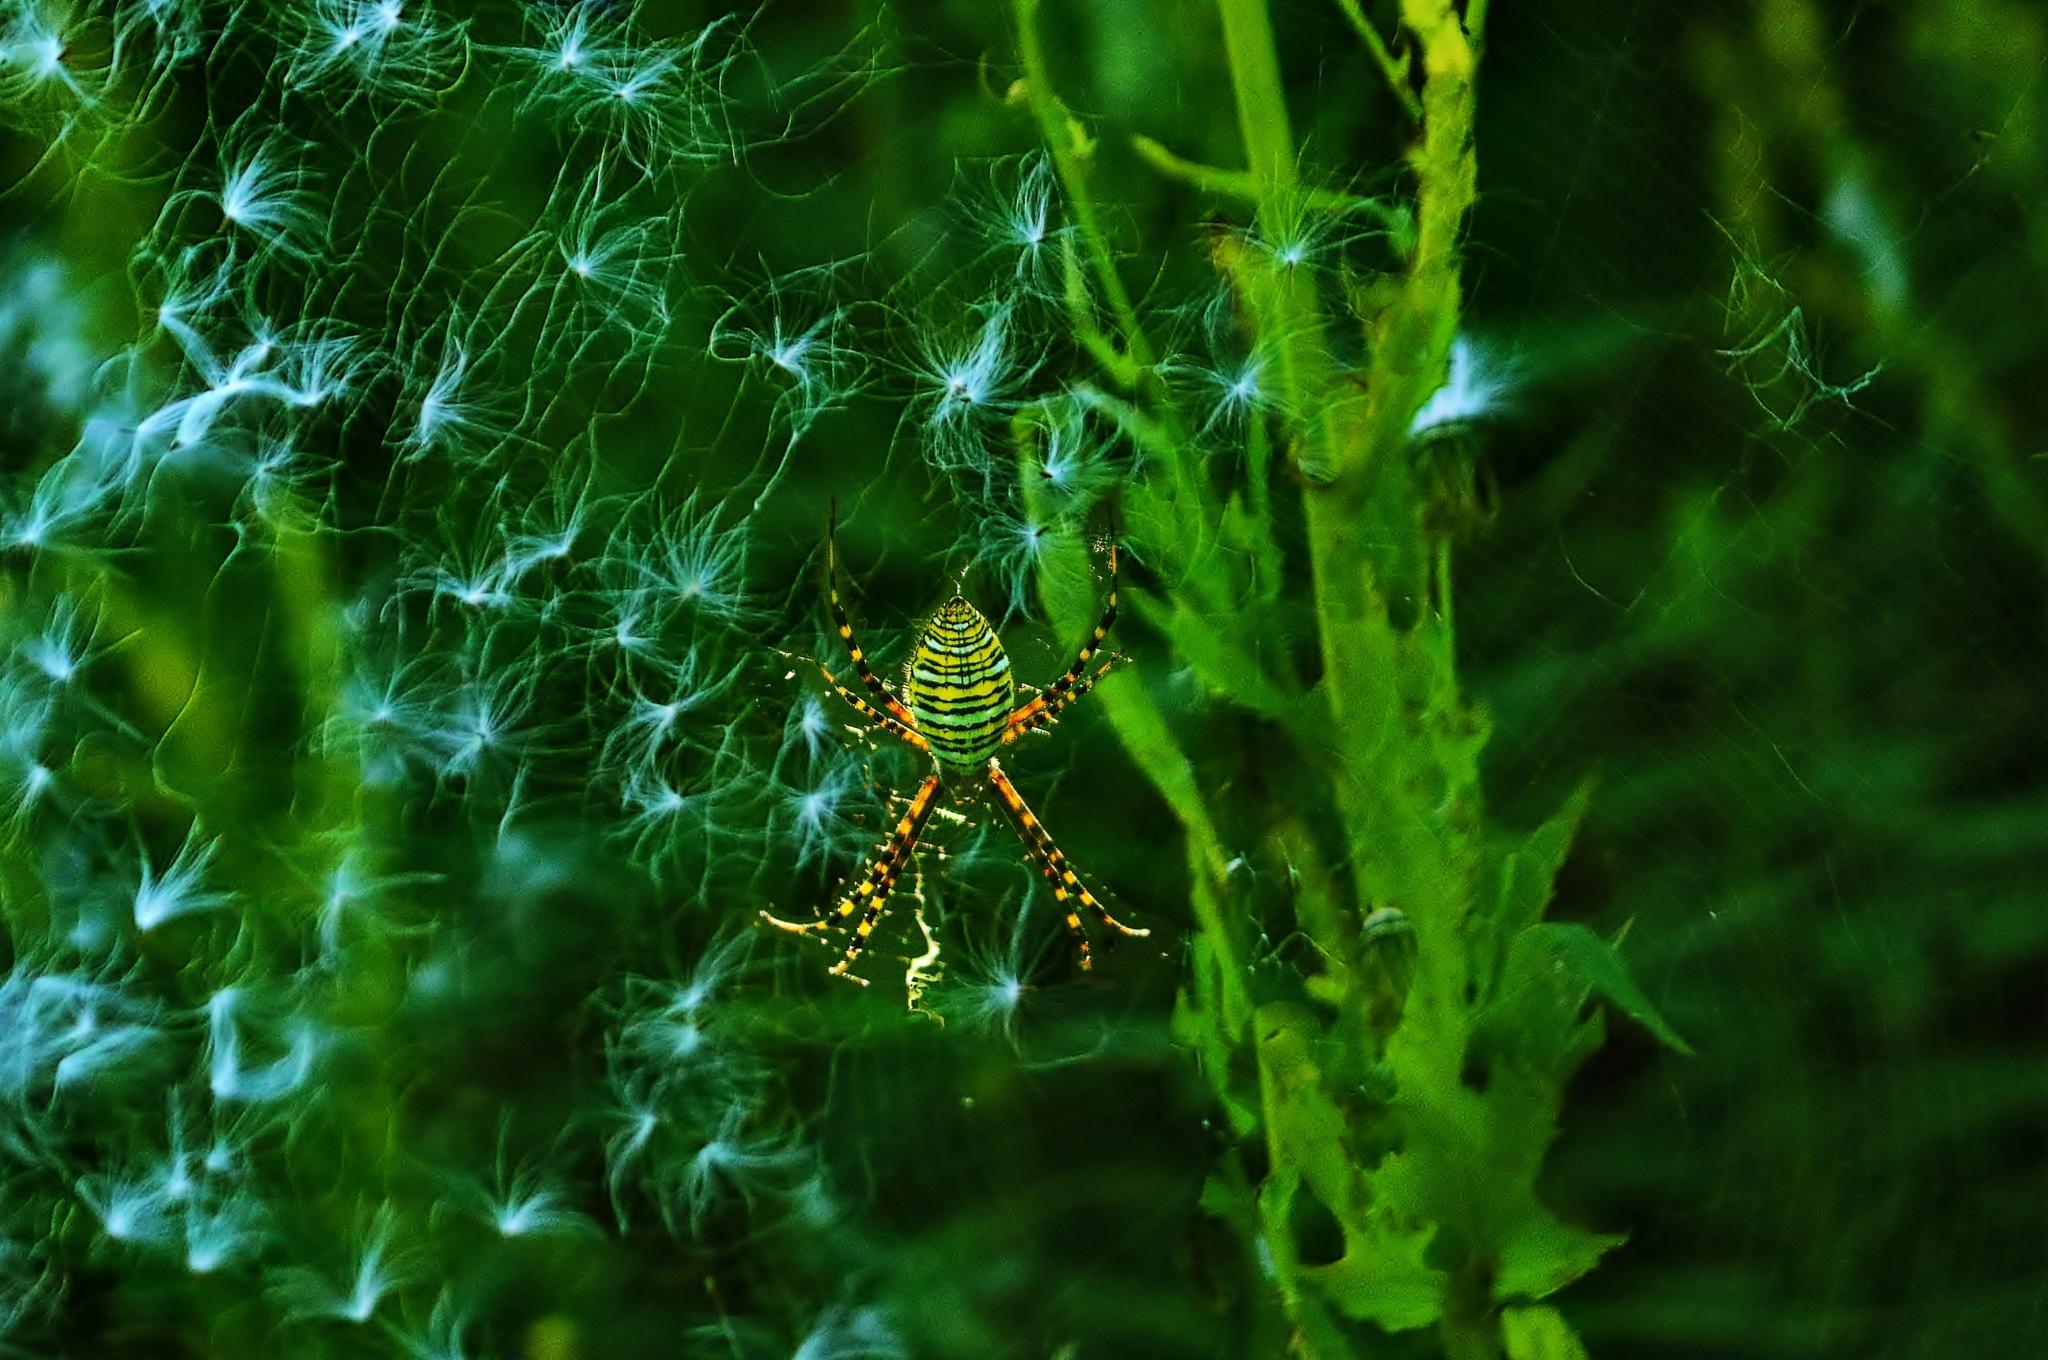 Spider and Dandelion by Catherine Wegener